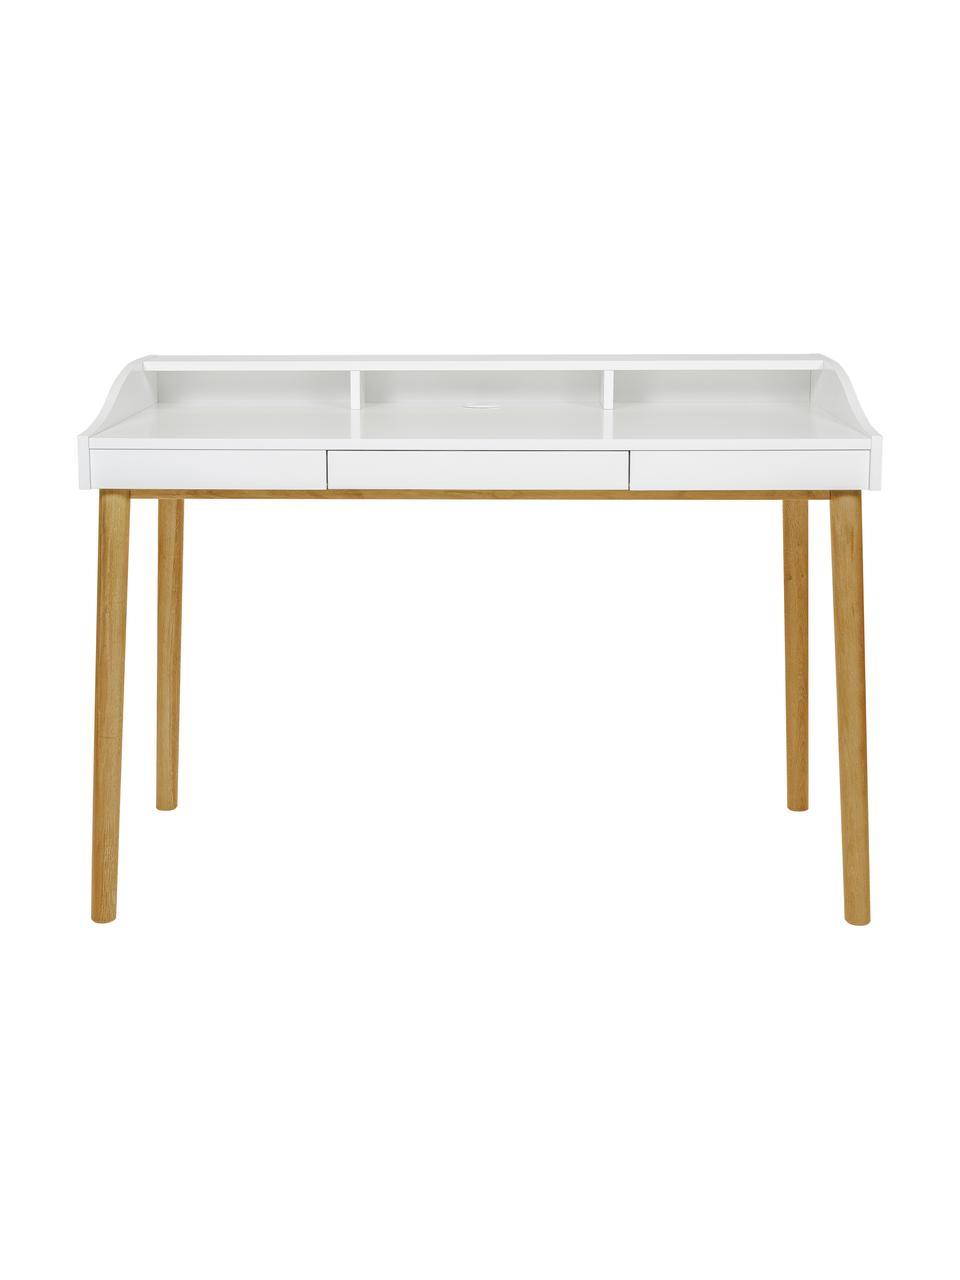 Schreibtisch Lindenhof mit kleiner Schublade, Beine: Eichenholz, lackiert, Tischplatte und Ablage: Weiß Beine: Eiche, B 120 x T 60 cm